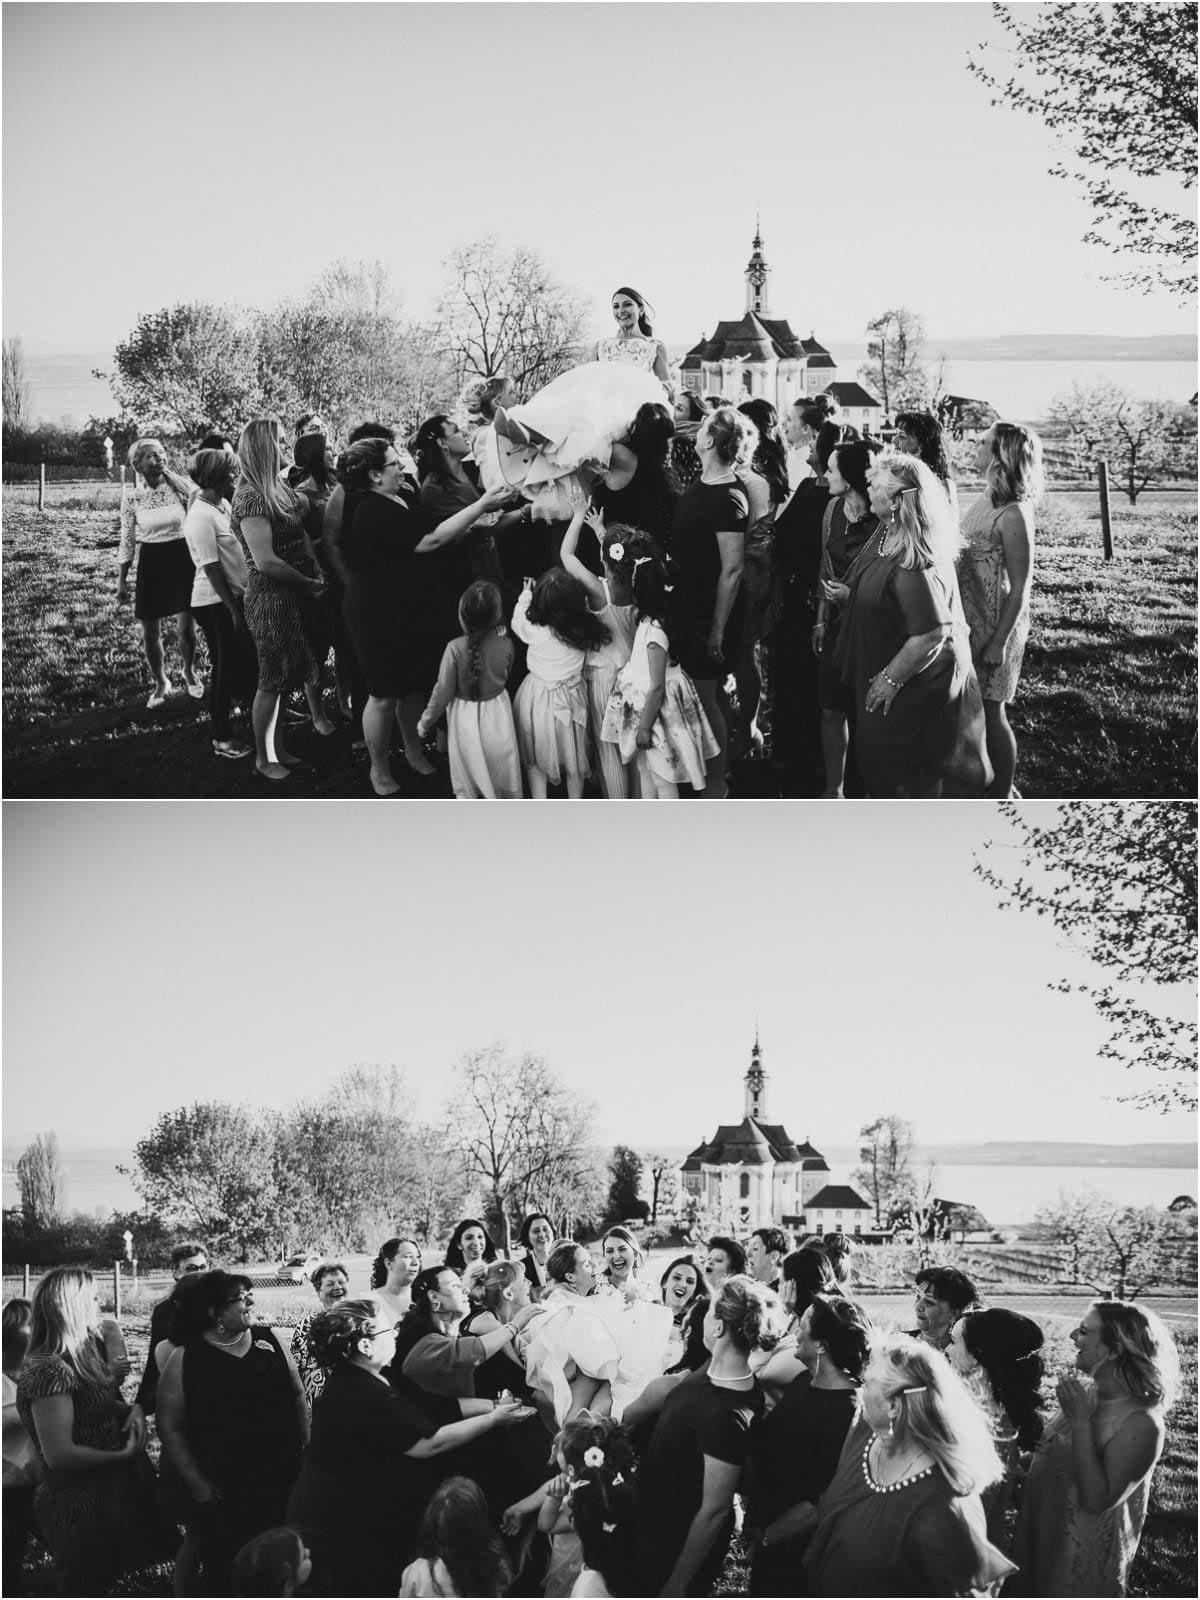 Birnauer-Oberhof-Hochzeit-Hochzeitsfotograf-9